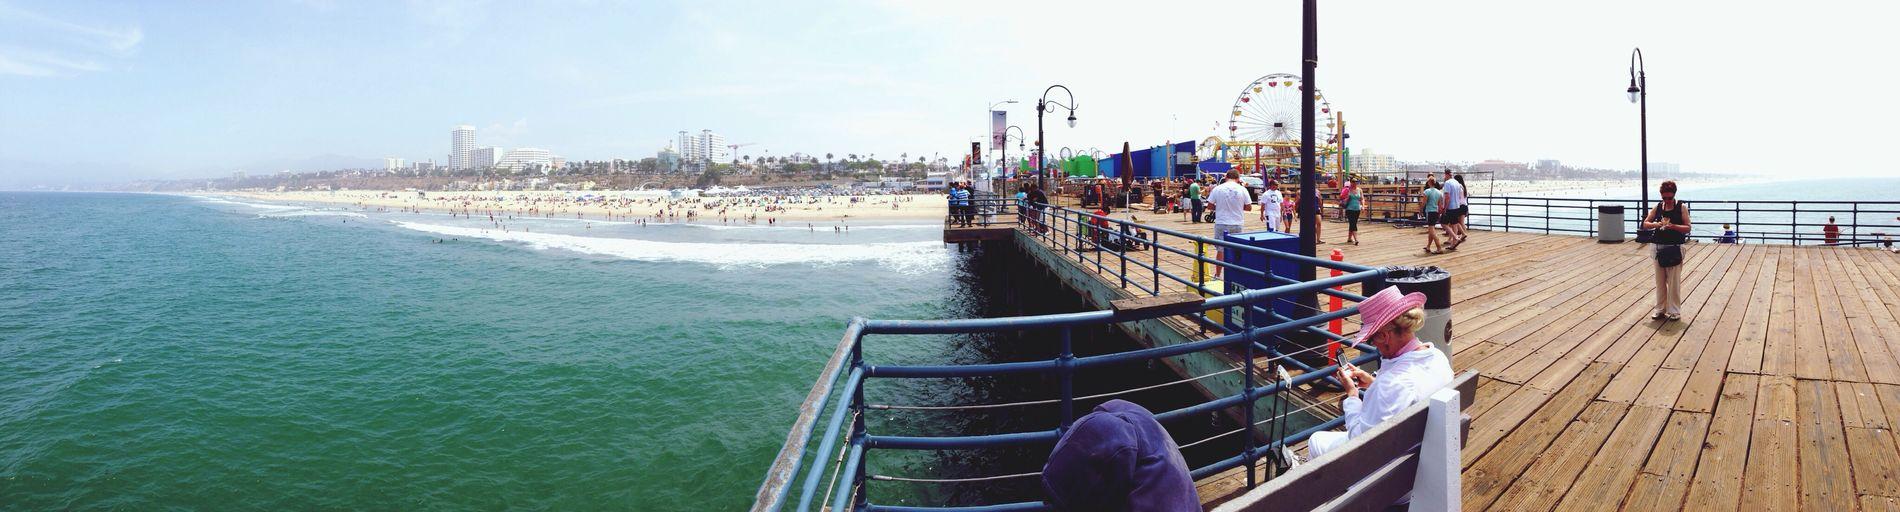 Santa Monica Pier Panorama